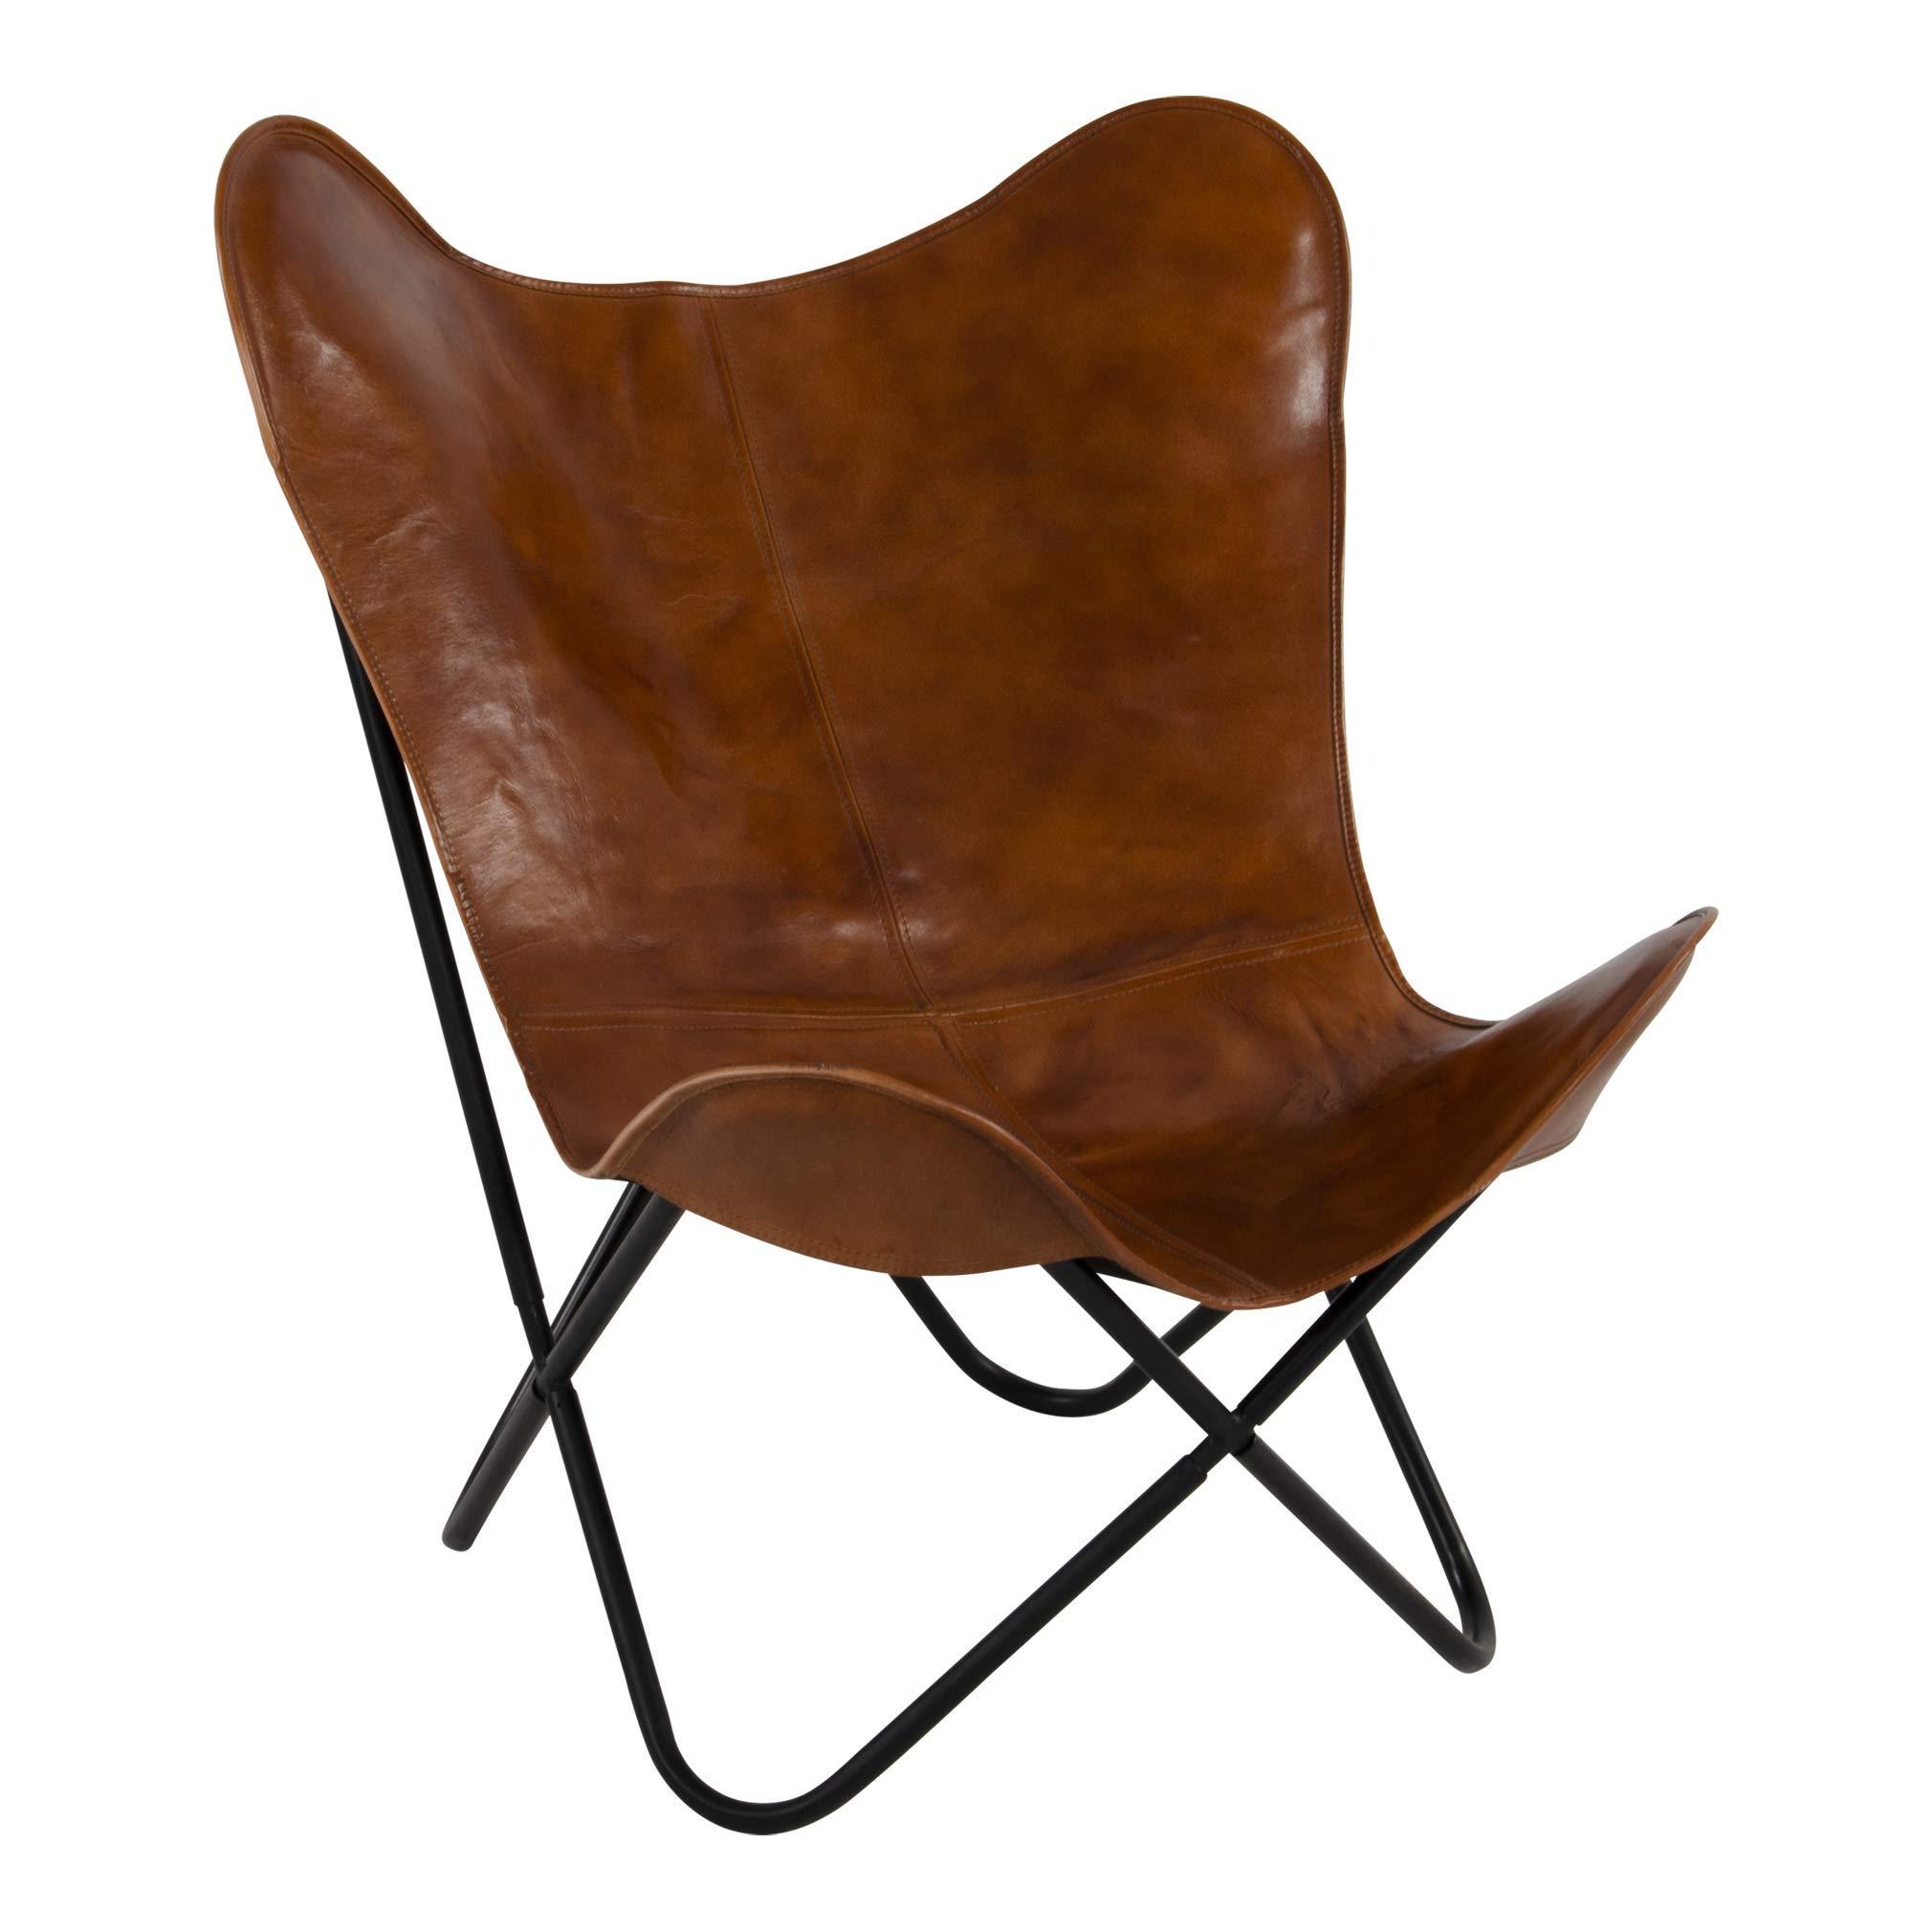 Lesli Living Schmetterlingsstuhl Faltstuhl Butterfly Chair braun 75x75x87 cm Leder 1